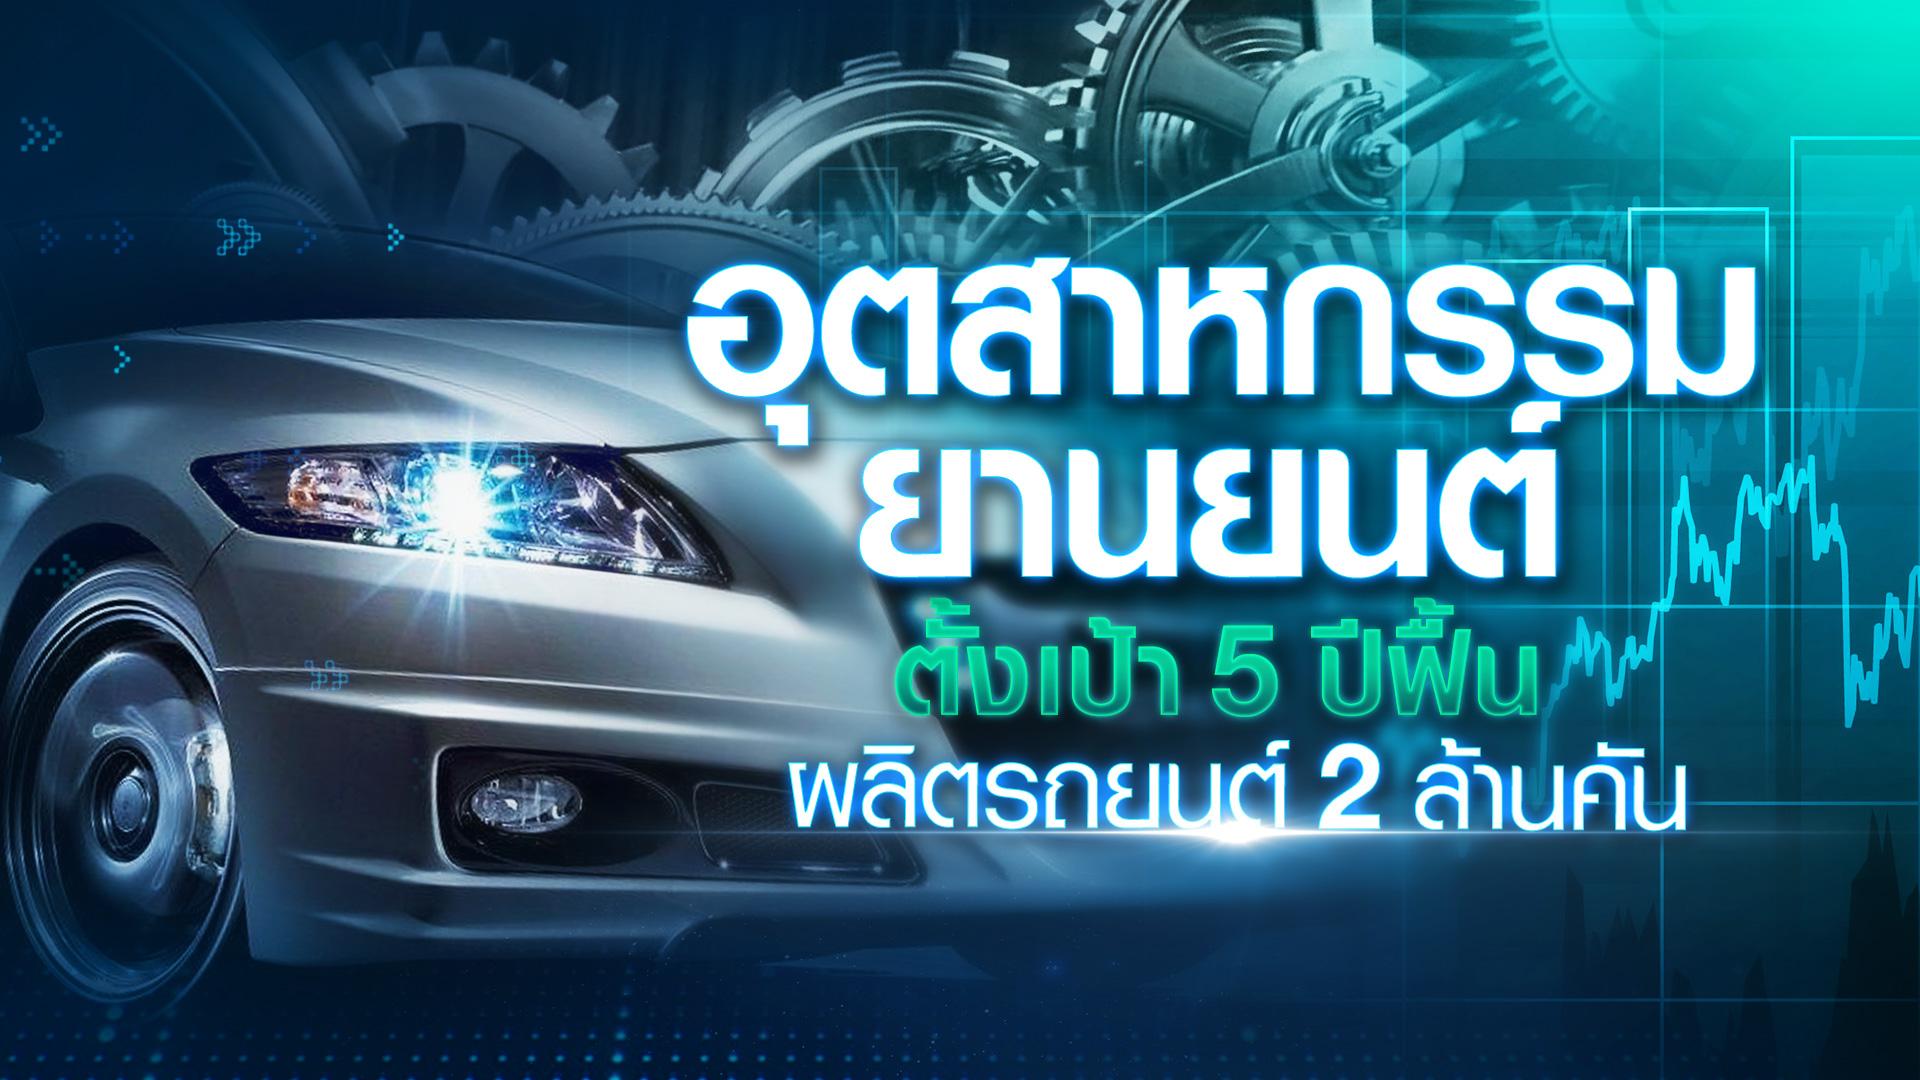 อุตสาหกรรมยานยนต์ ตั้งเป้า 5 ปีฟื้น ผลิตรถยนต์ 2 ล้านคัน